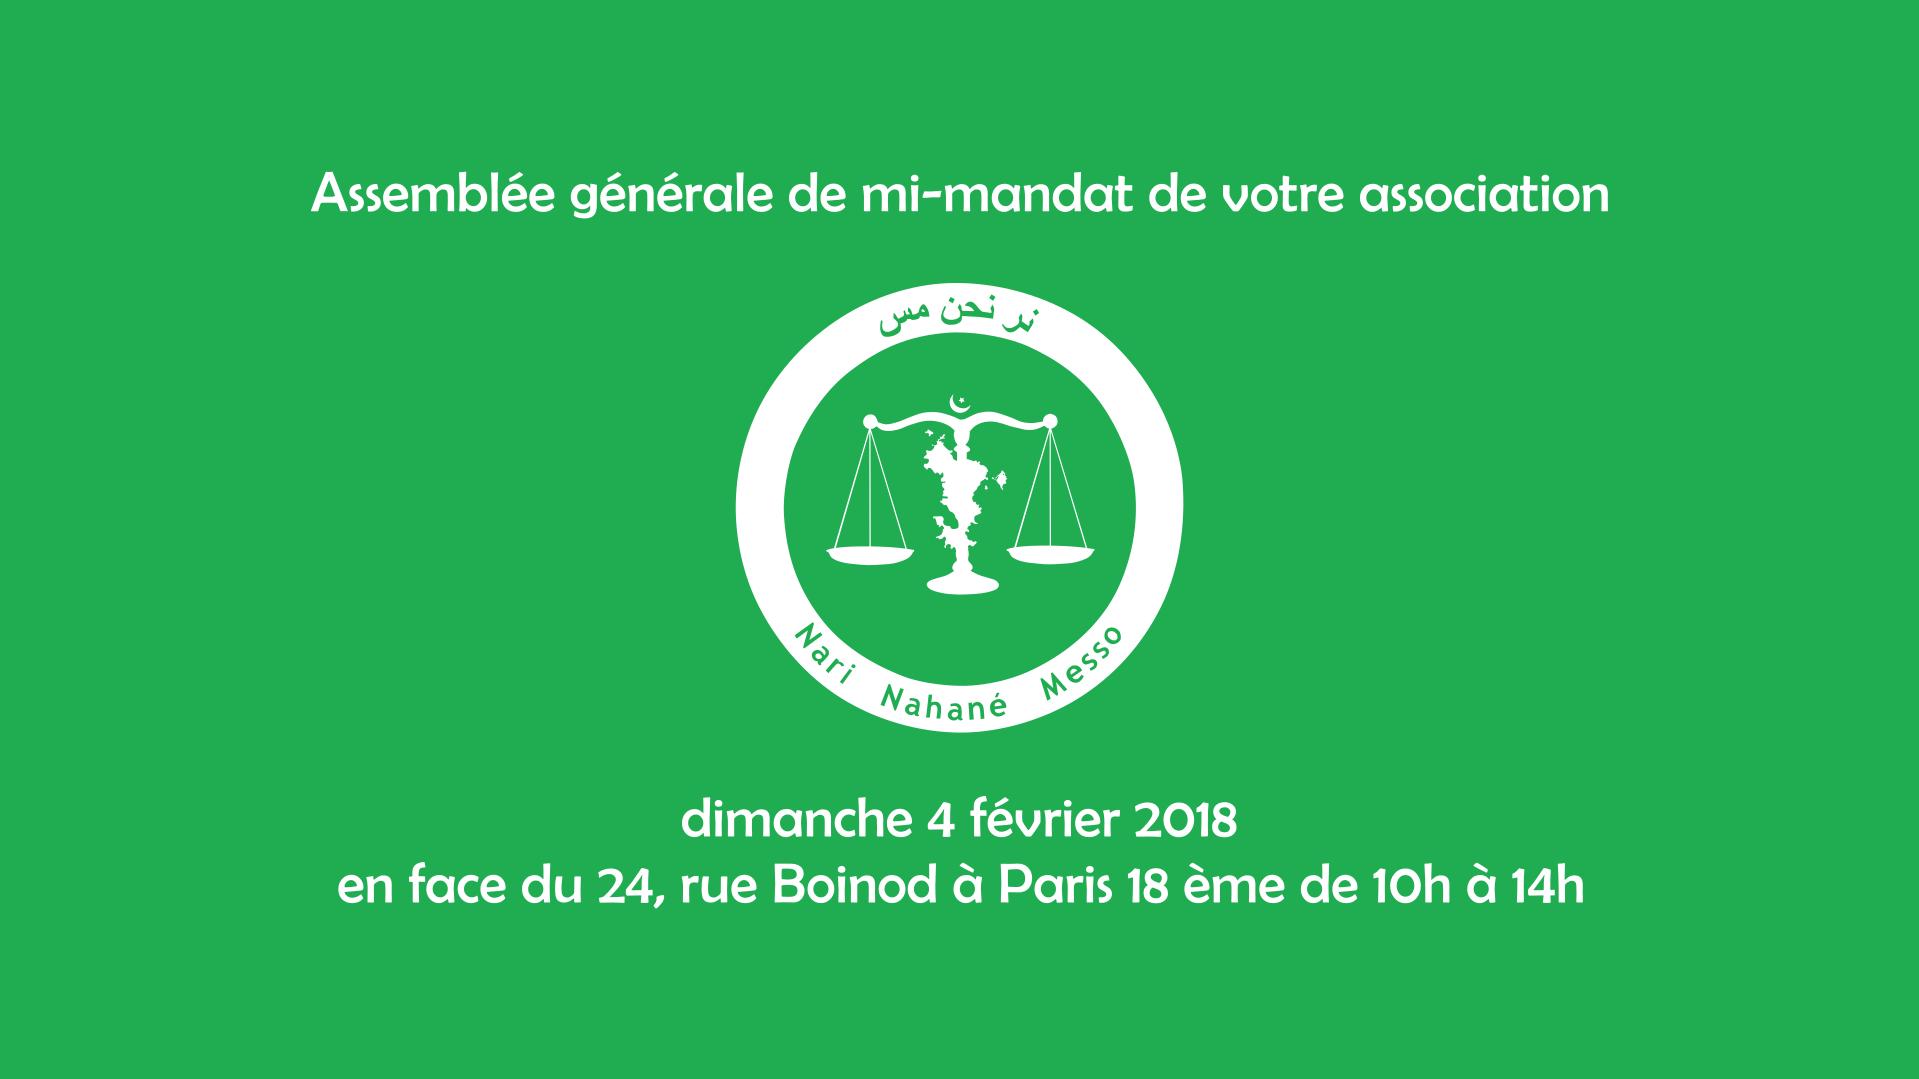 Assemblée générale de mi-mandat 4 février 2018